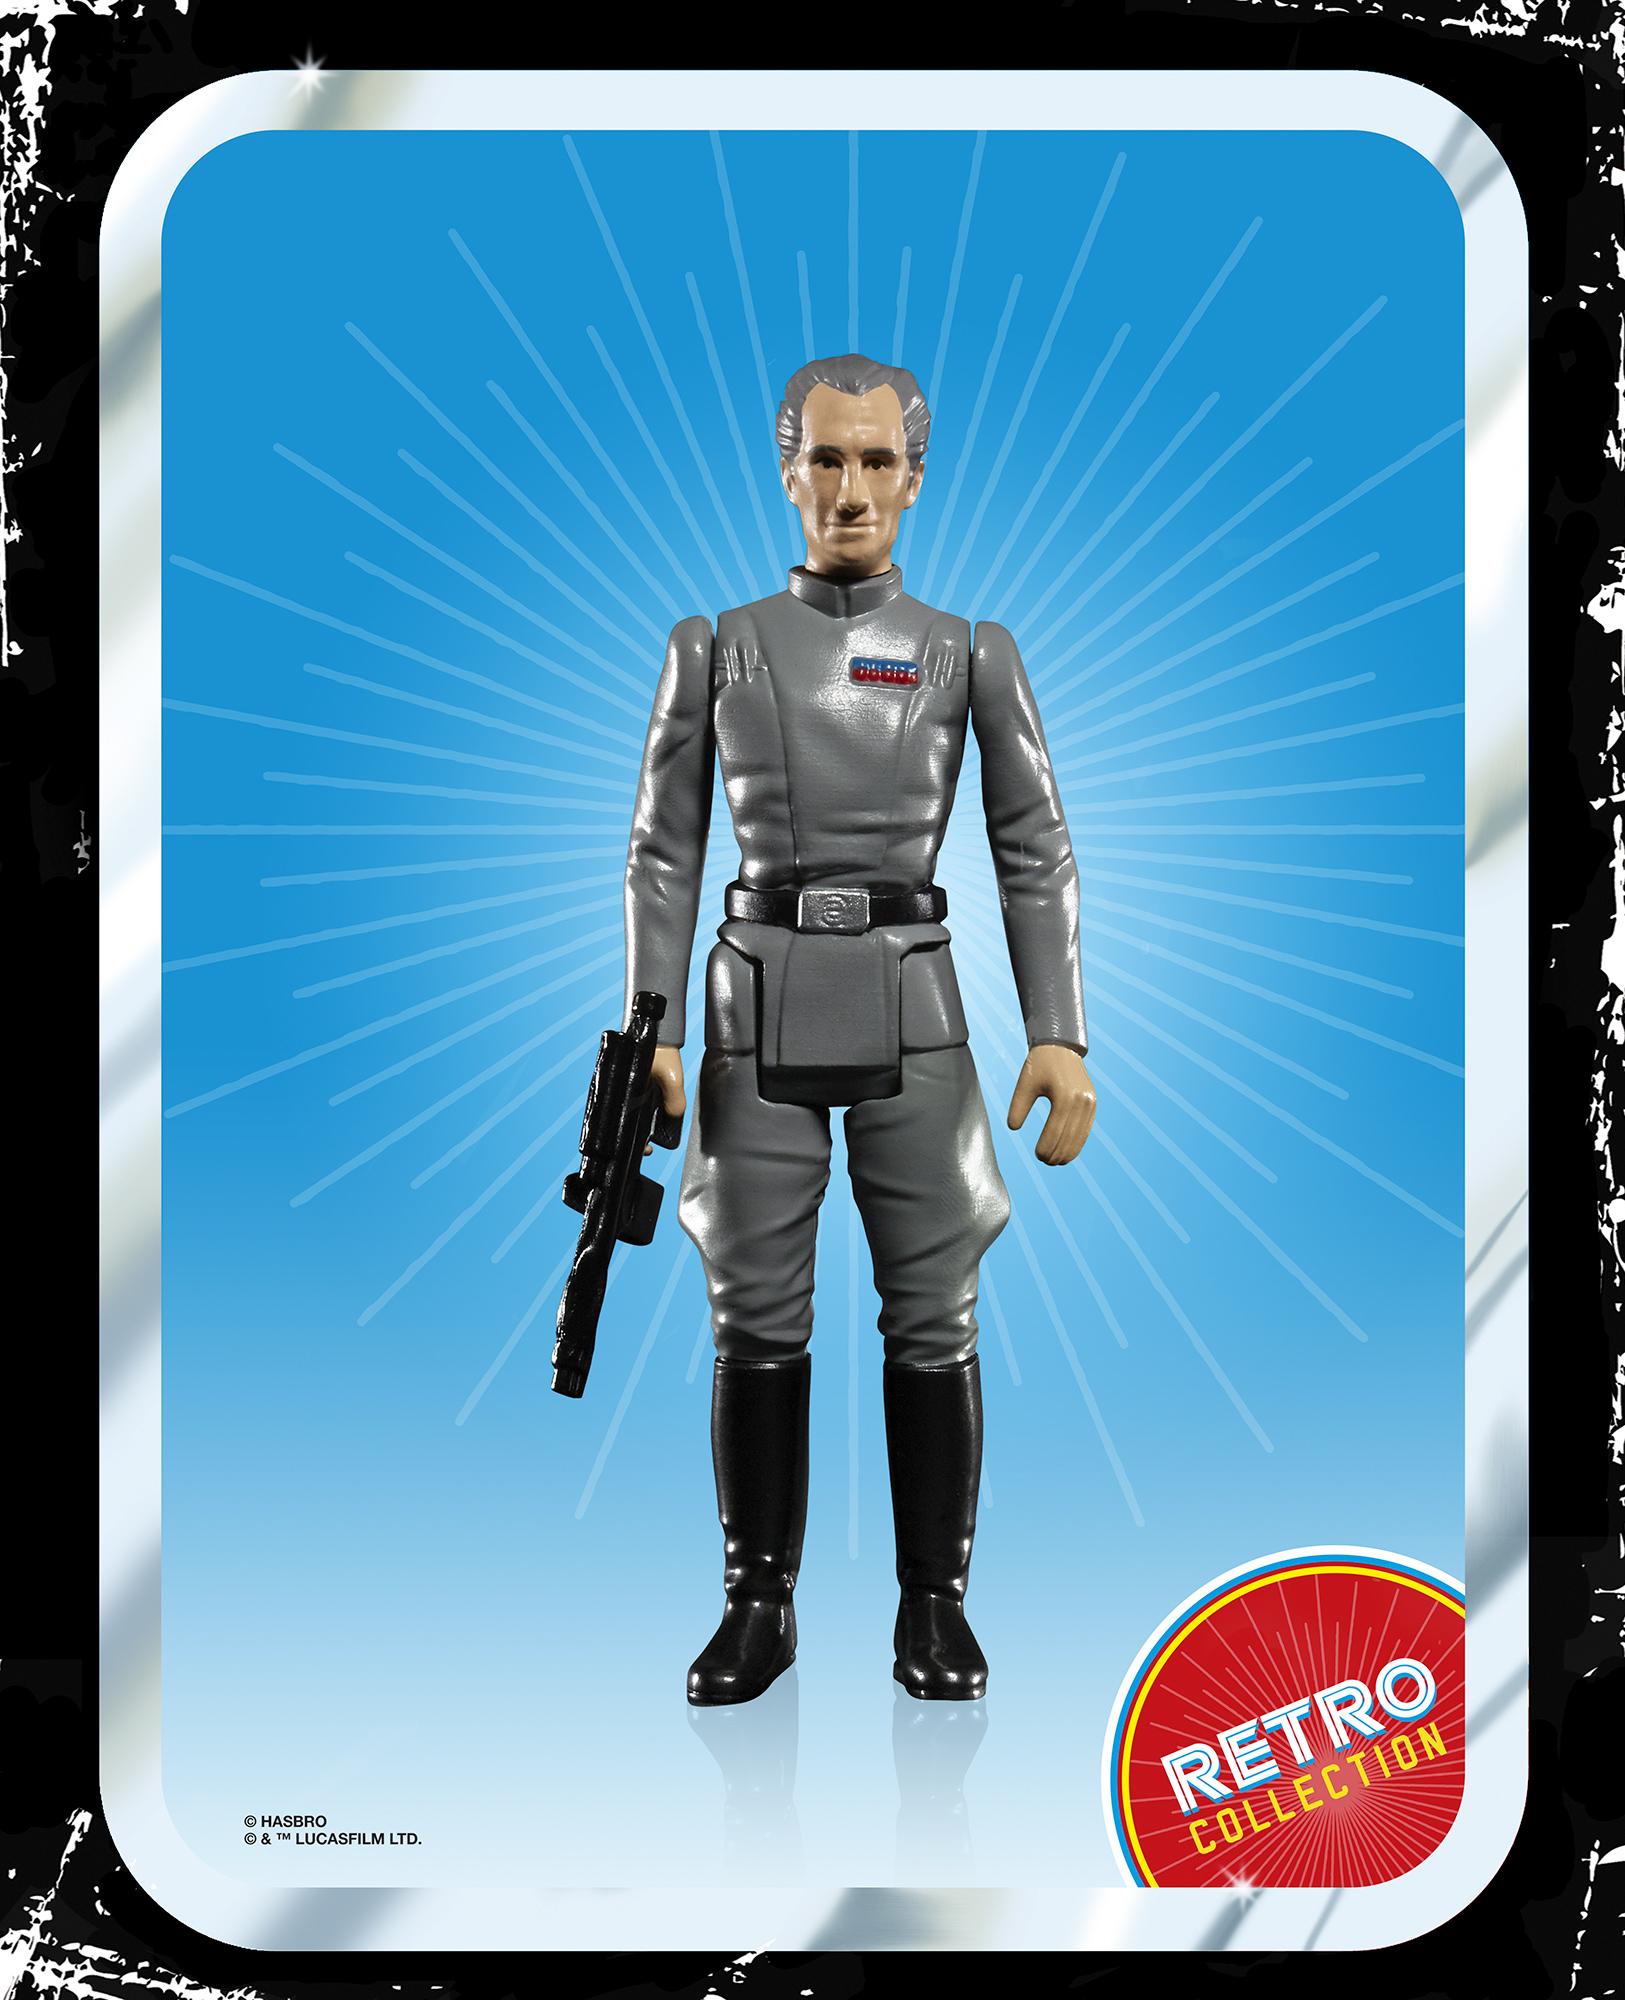 Star-Wars-Retro-Game-oop-(2)